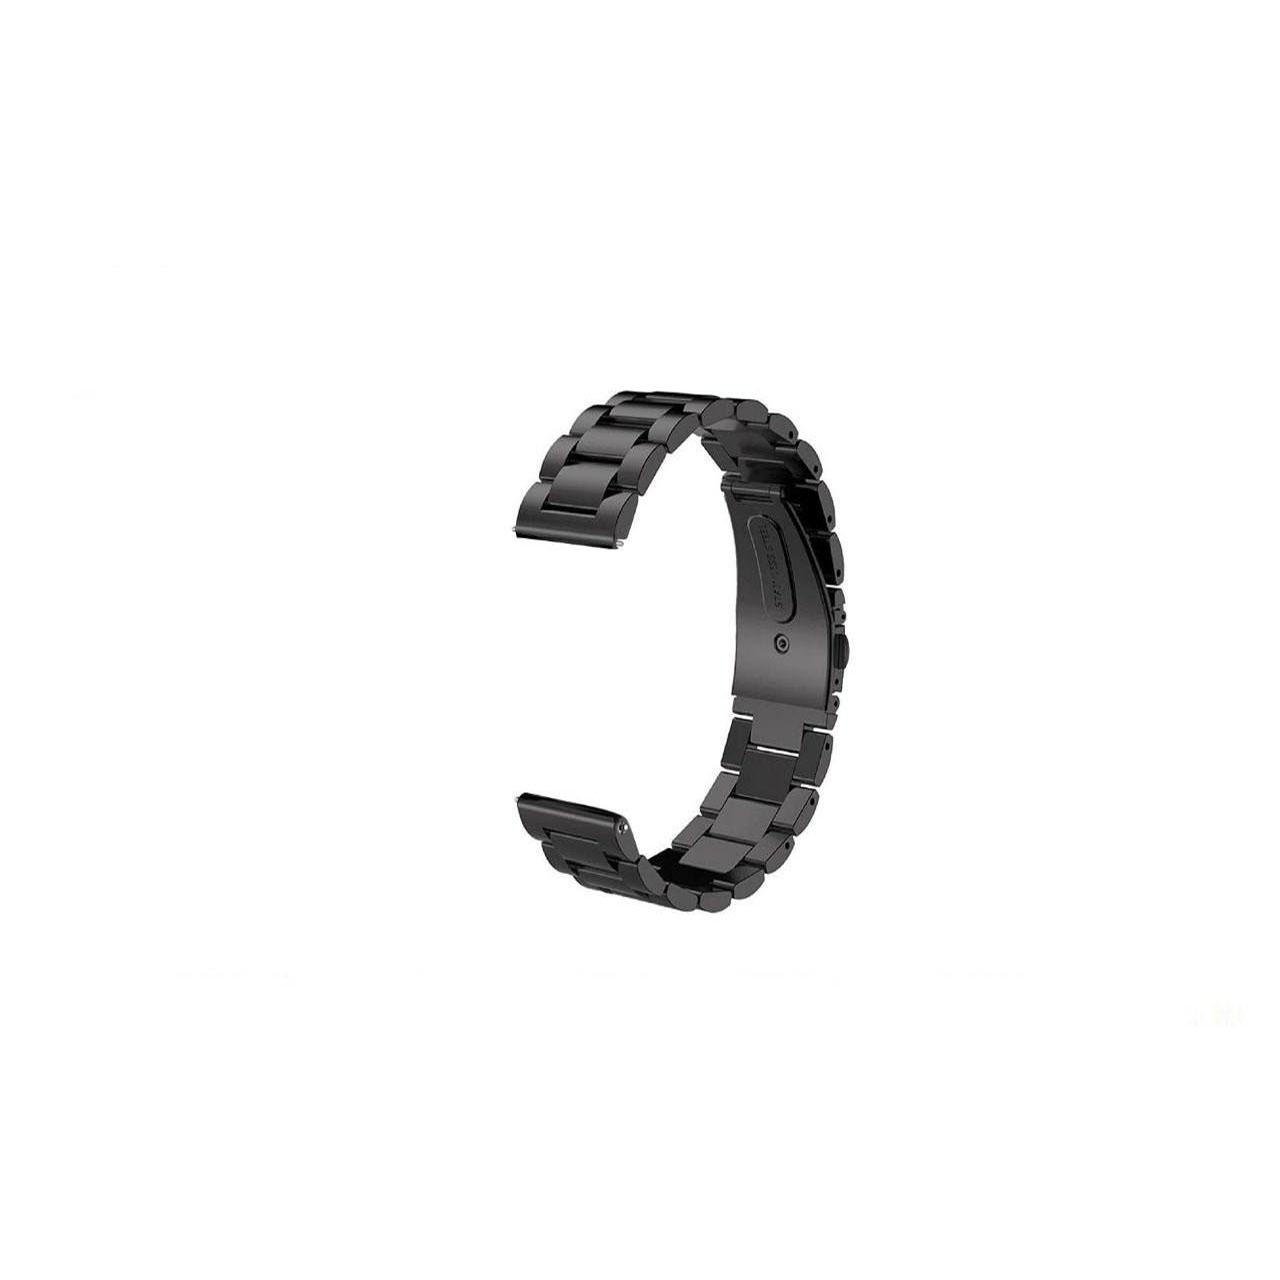 بند ساعت هوشمند مدل Three Pointer به همراه کیف نگهداری ساعت  مناسب برای ساعت ایسوس  Zenwatch 2 WI501Q